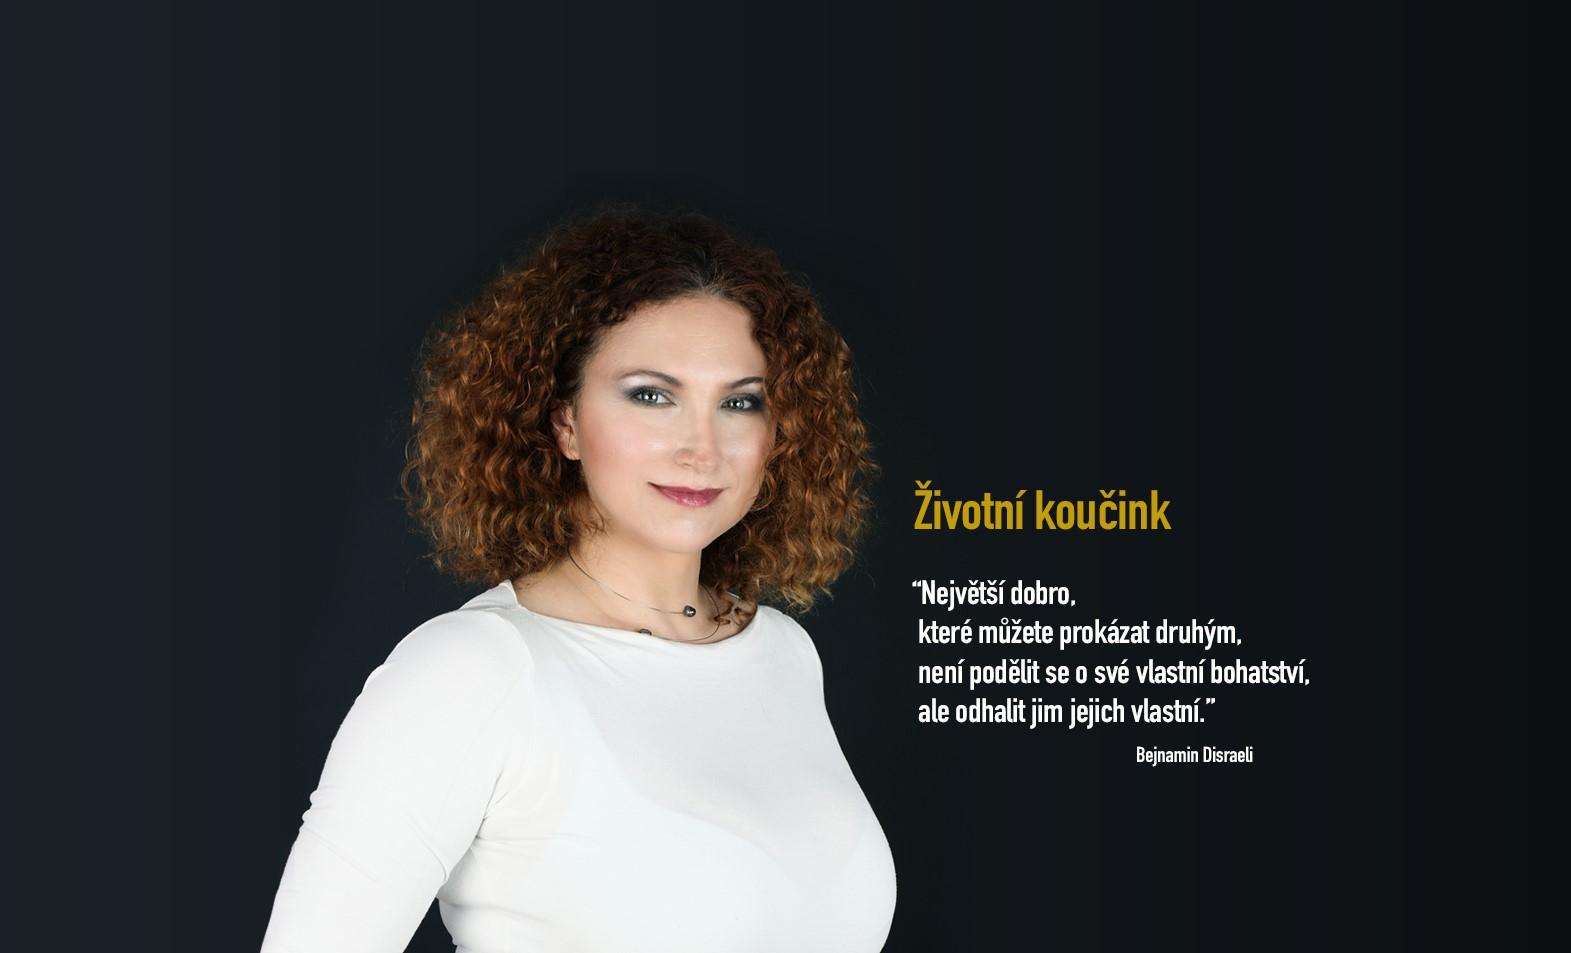 Monika Zajíčková